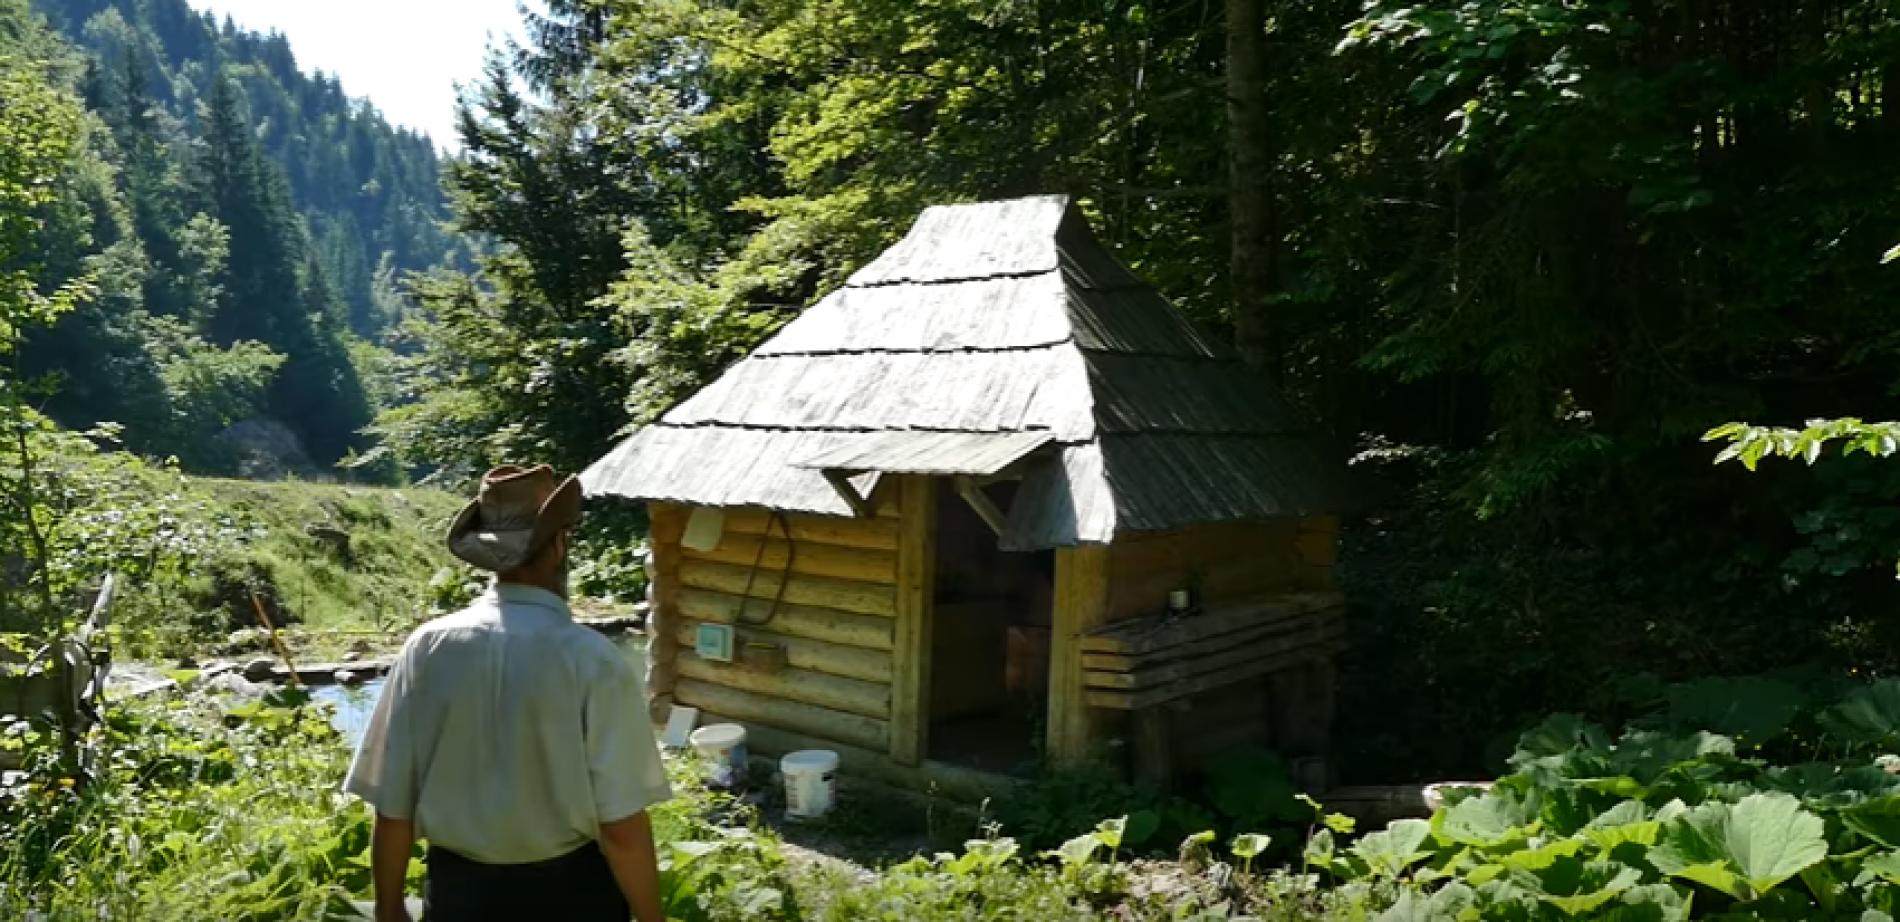 Vlašički Robinzon promovira zdrav život u prirodi (Video)